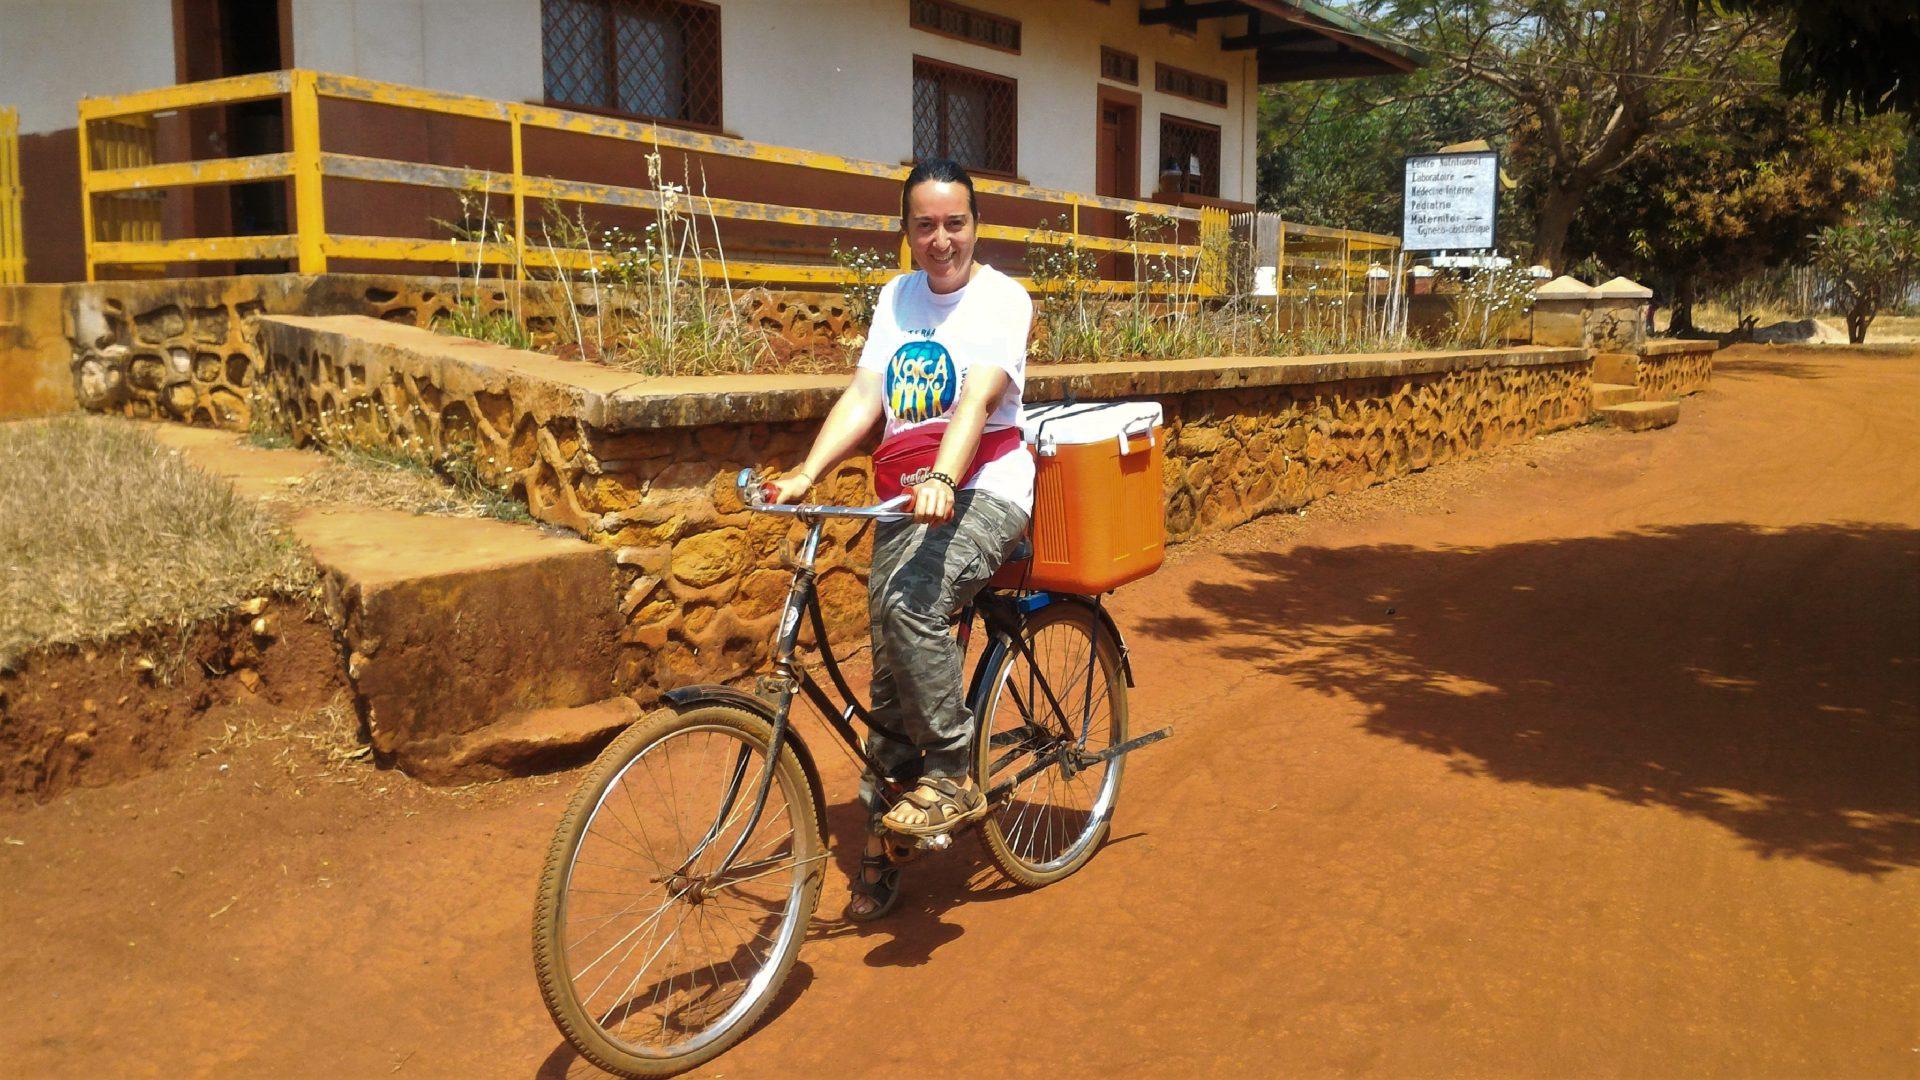 Roberta Grieco e la sua esperienza nel volontariato in Congo